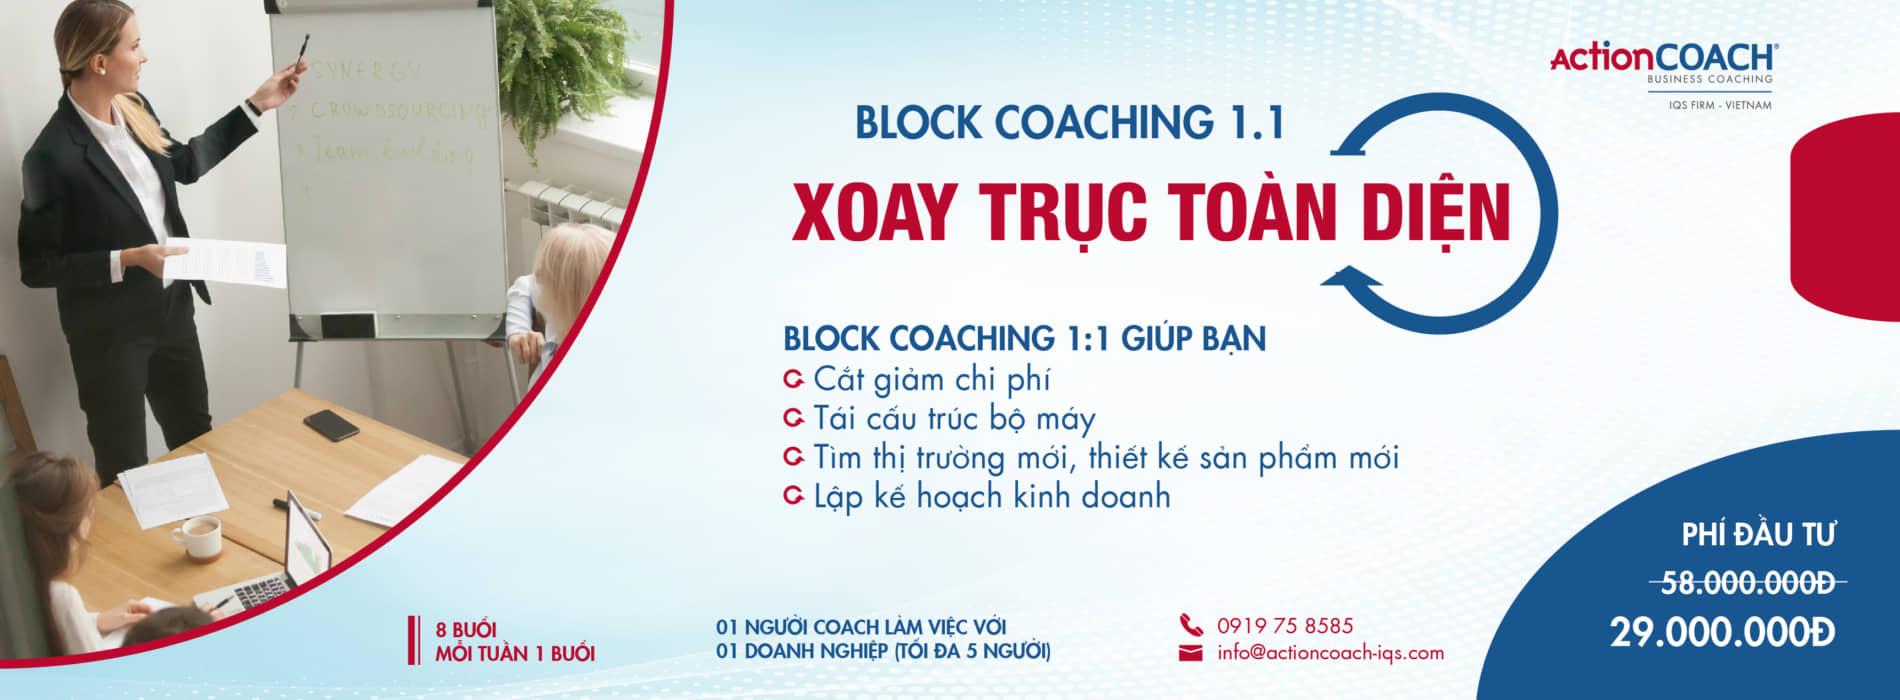 block coaching